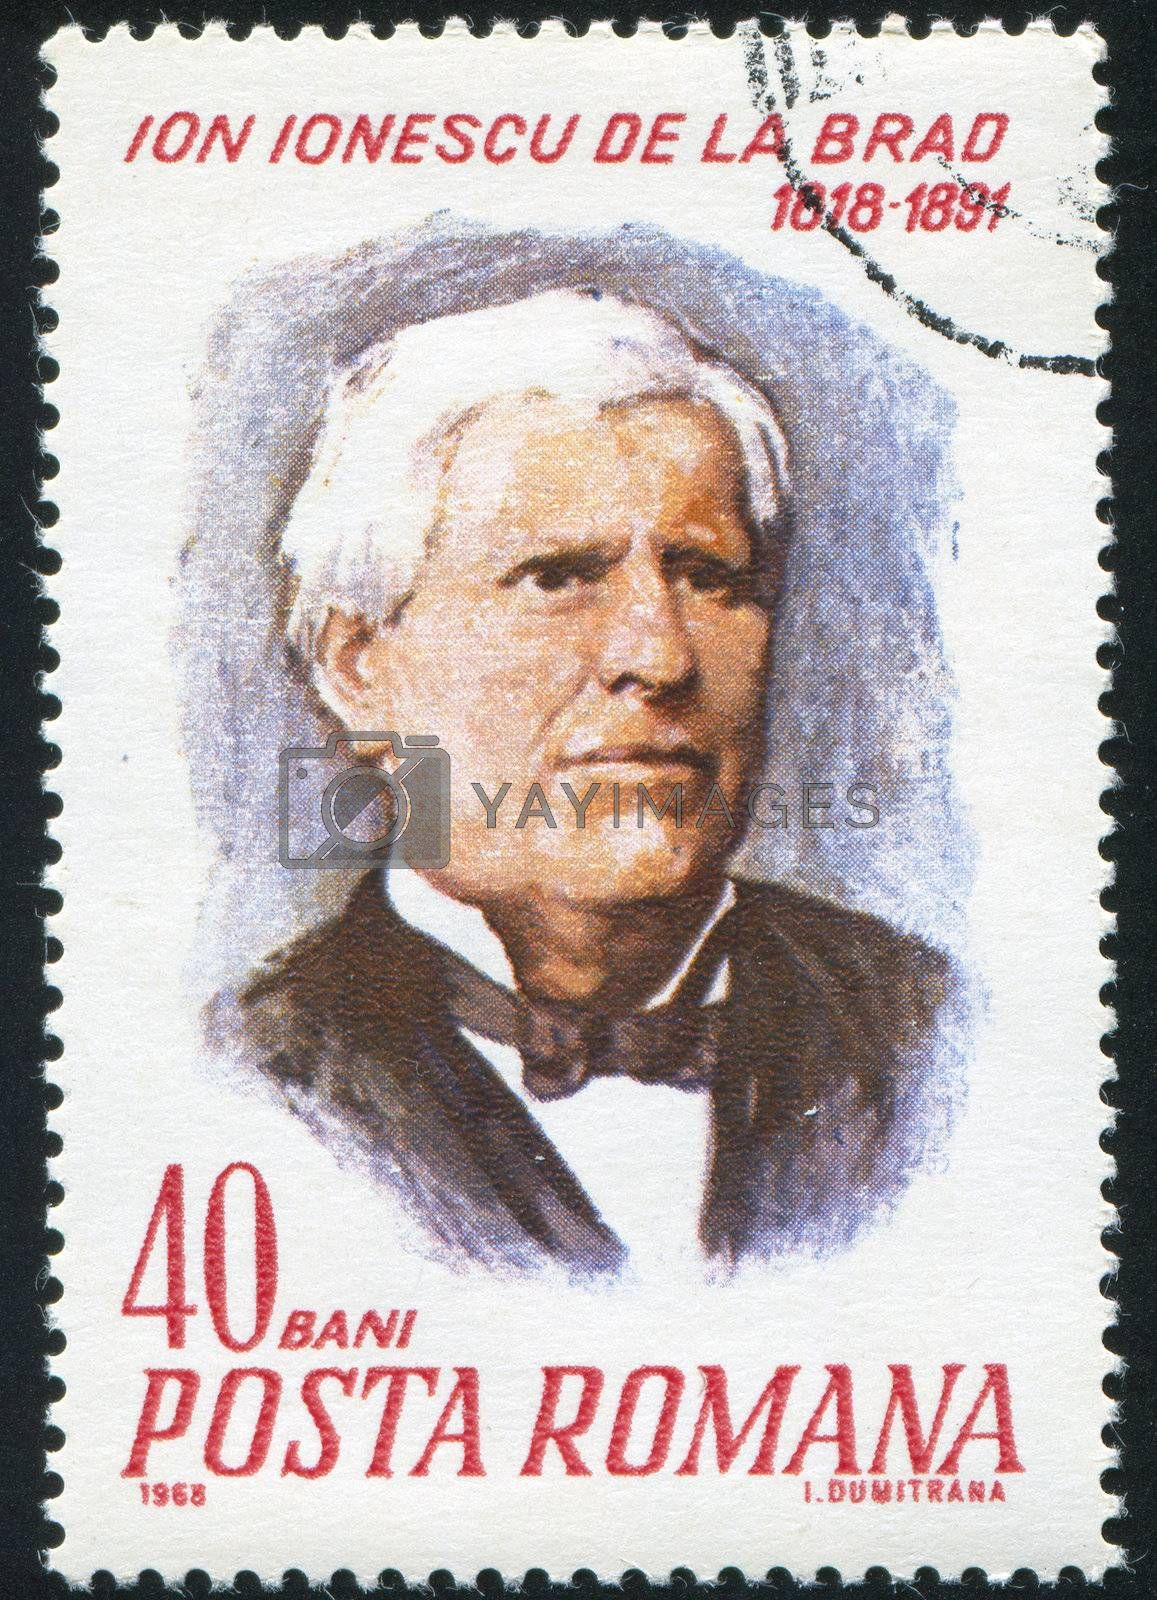 ROMANIA - CIRCA 1968: stamp printed by Romania, show  Ion Ionescu, circa 1968.